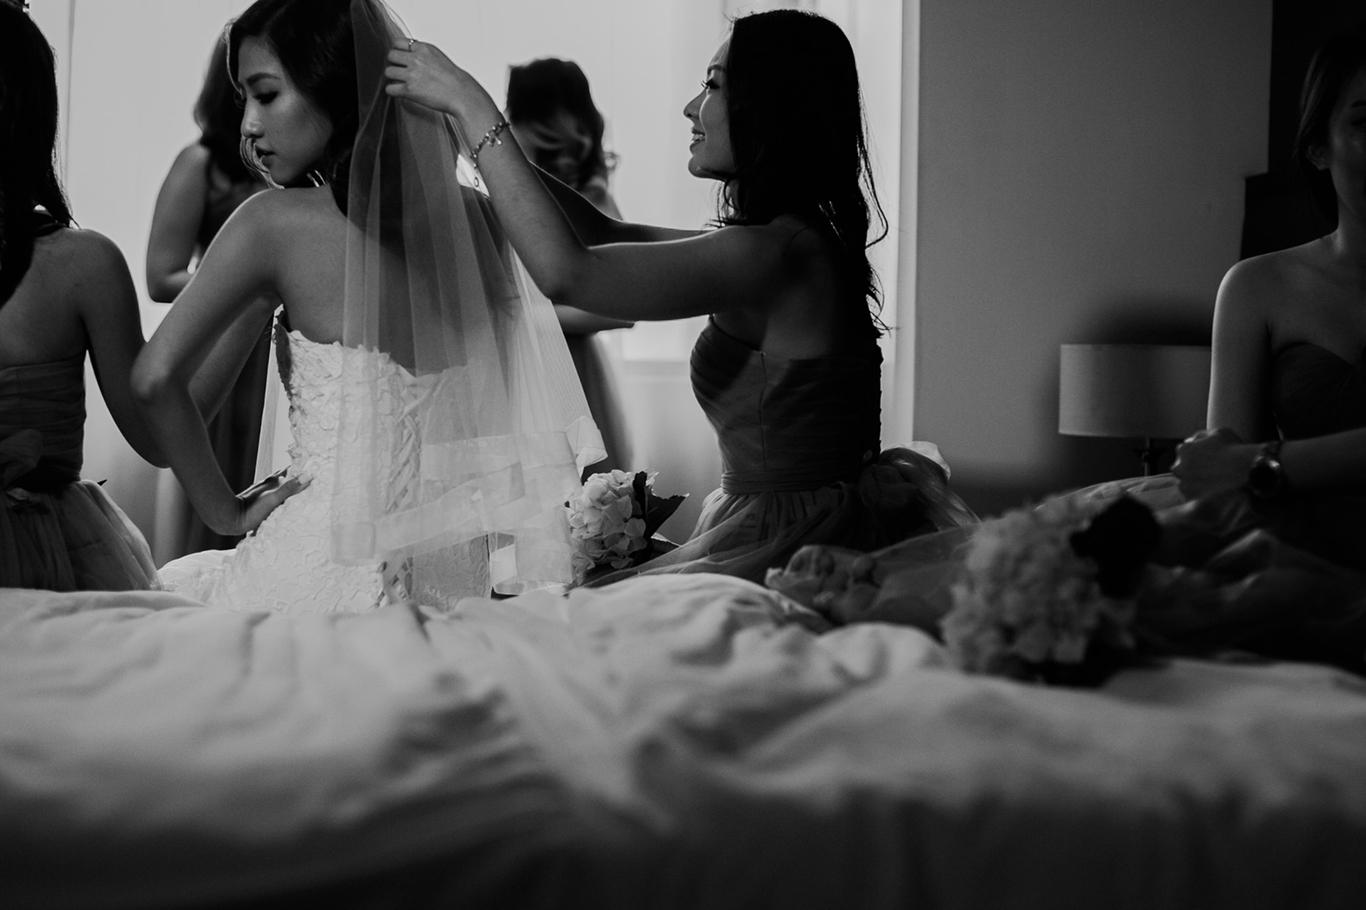 89-hellojanelee-amazing-wedding-2015-malaysia